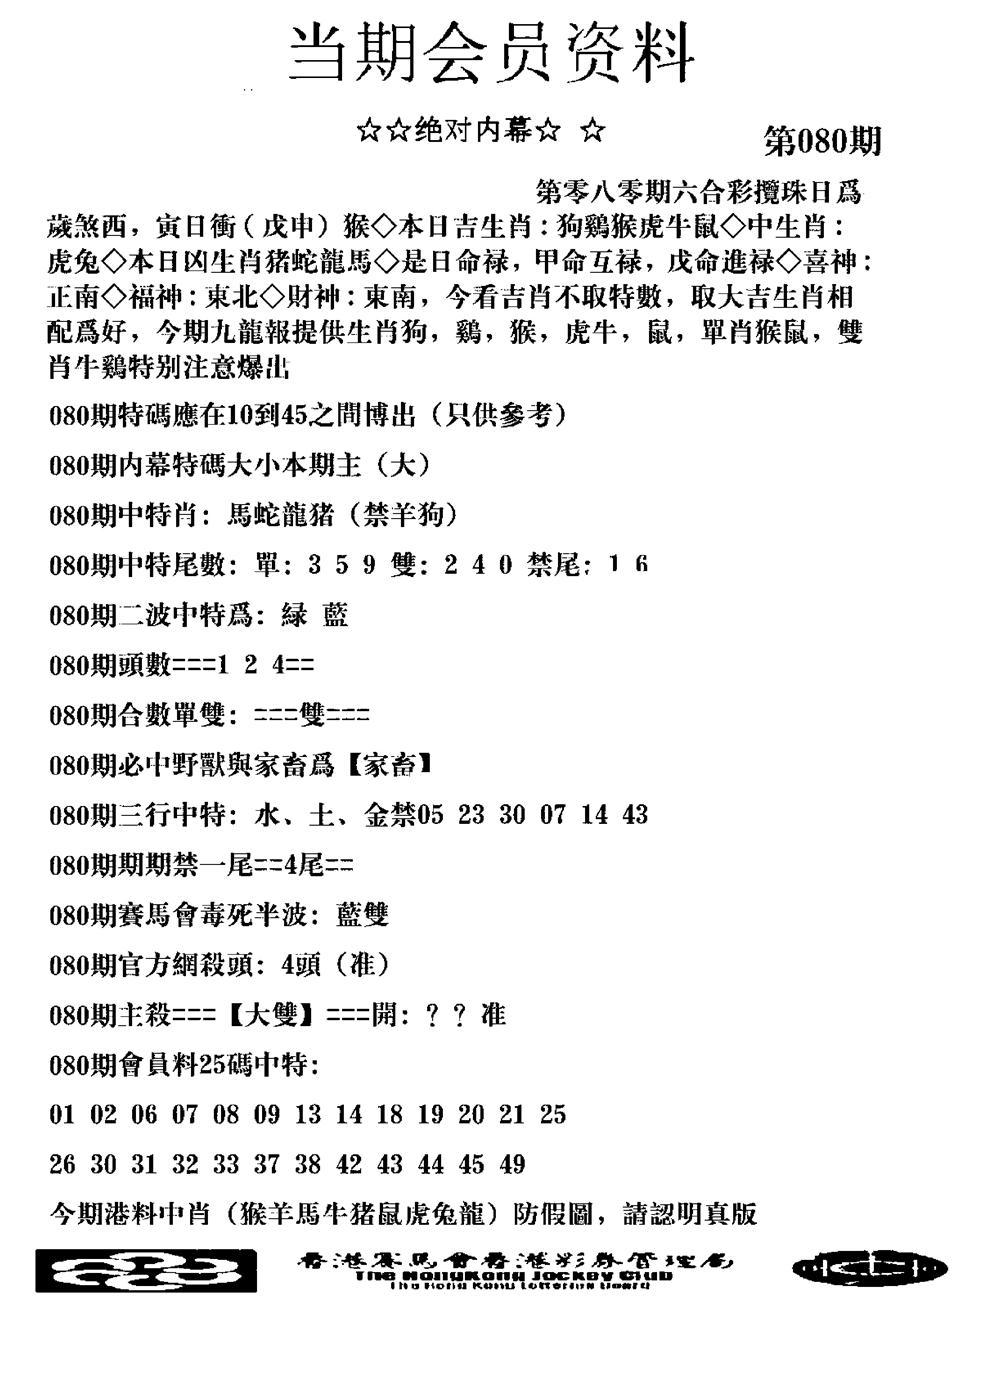 080期当期会员资料图(黑白)